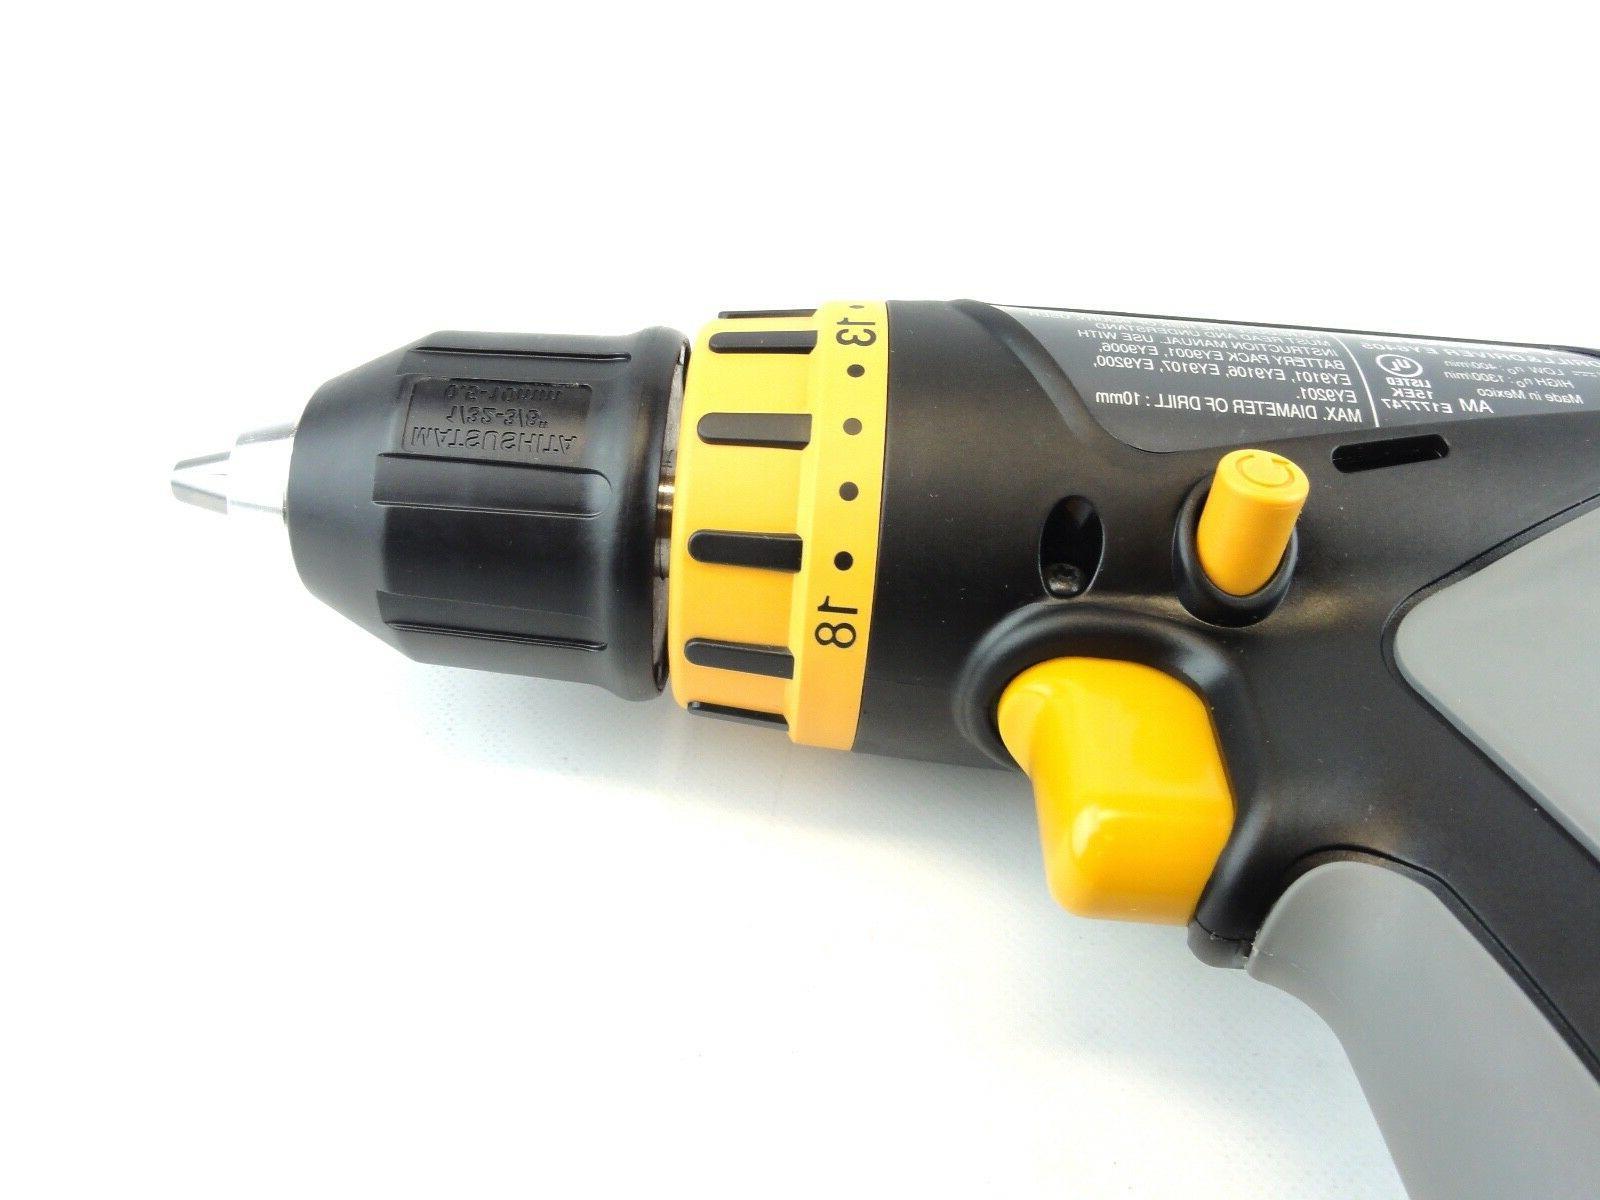 EY6405 12V Drill